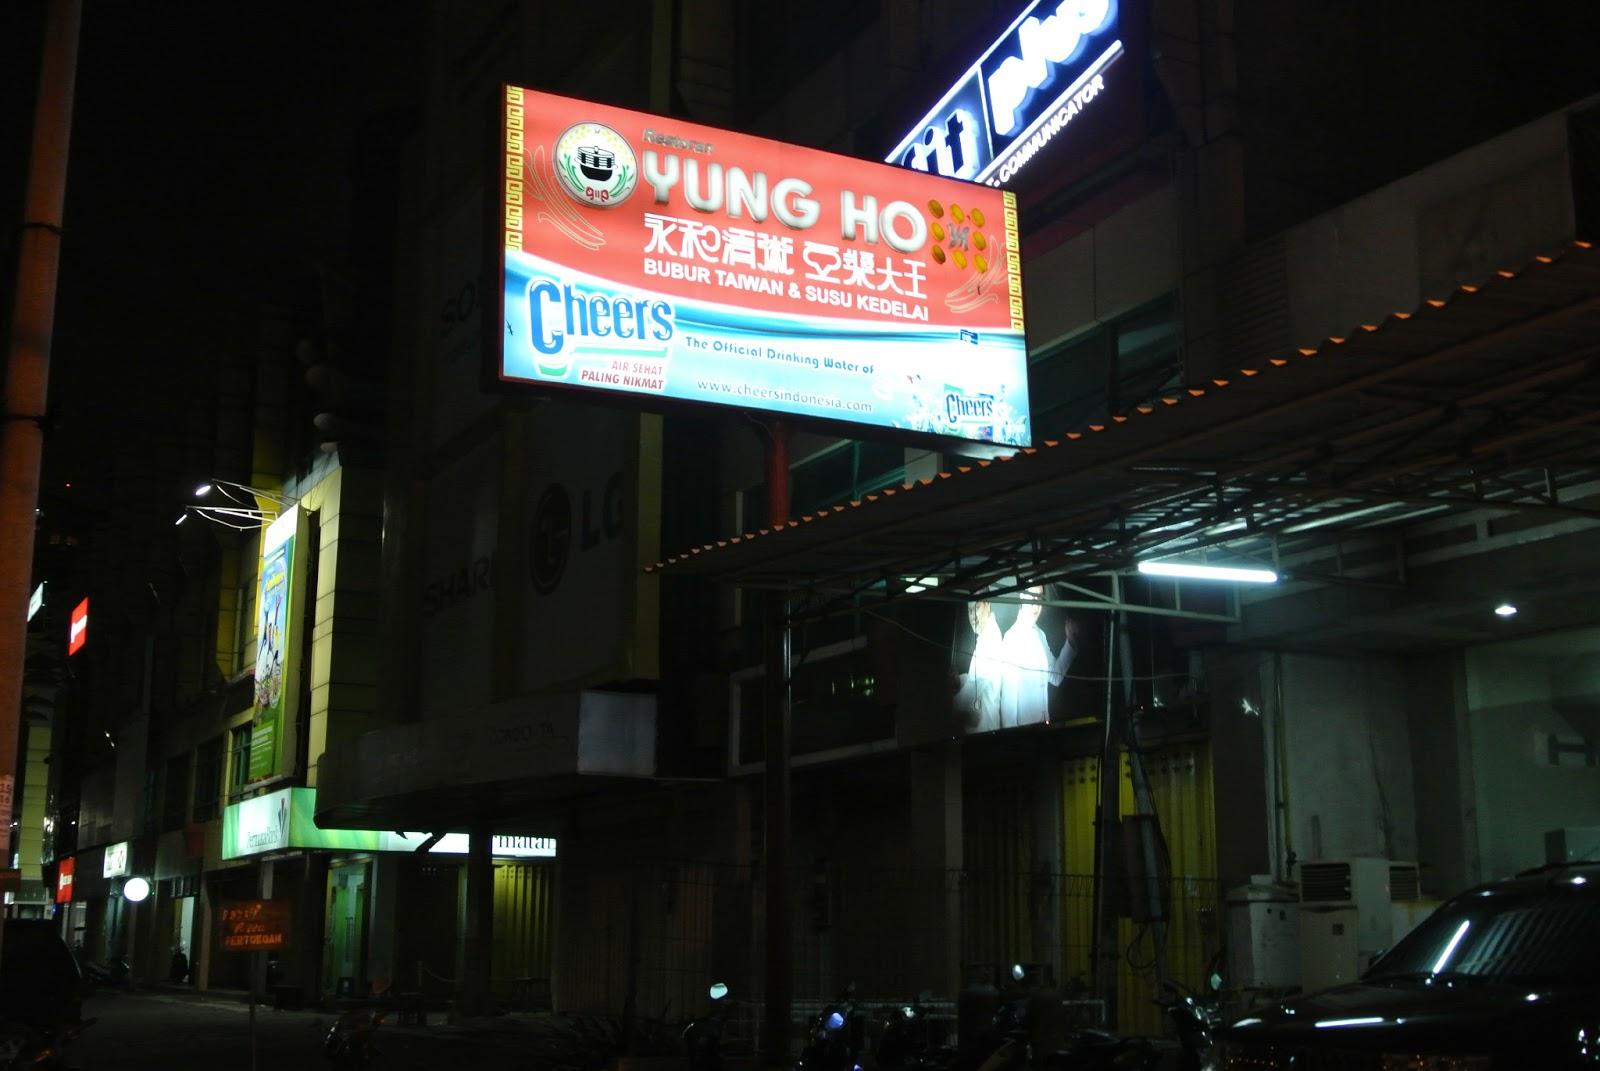 Yung Ho